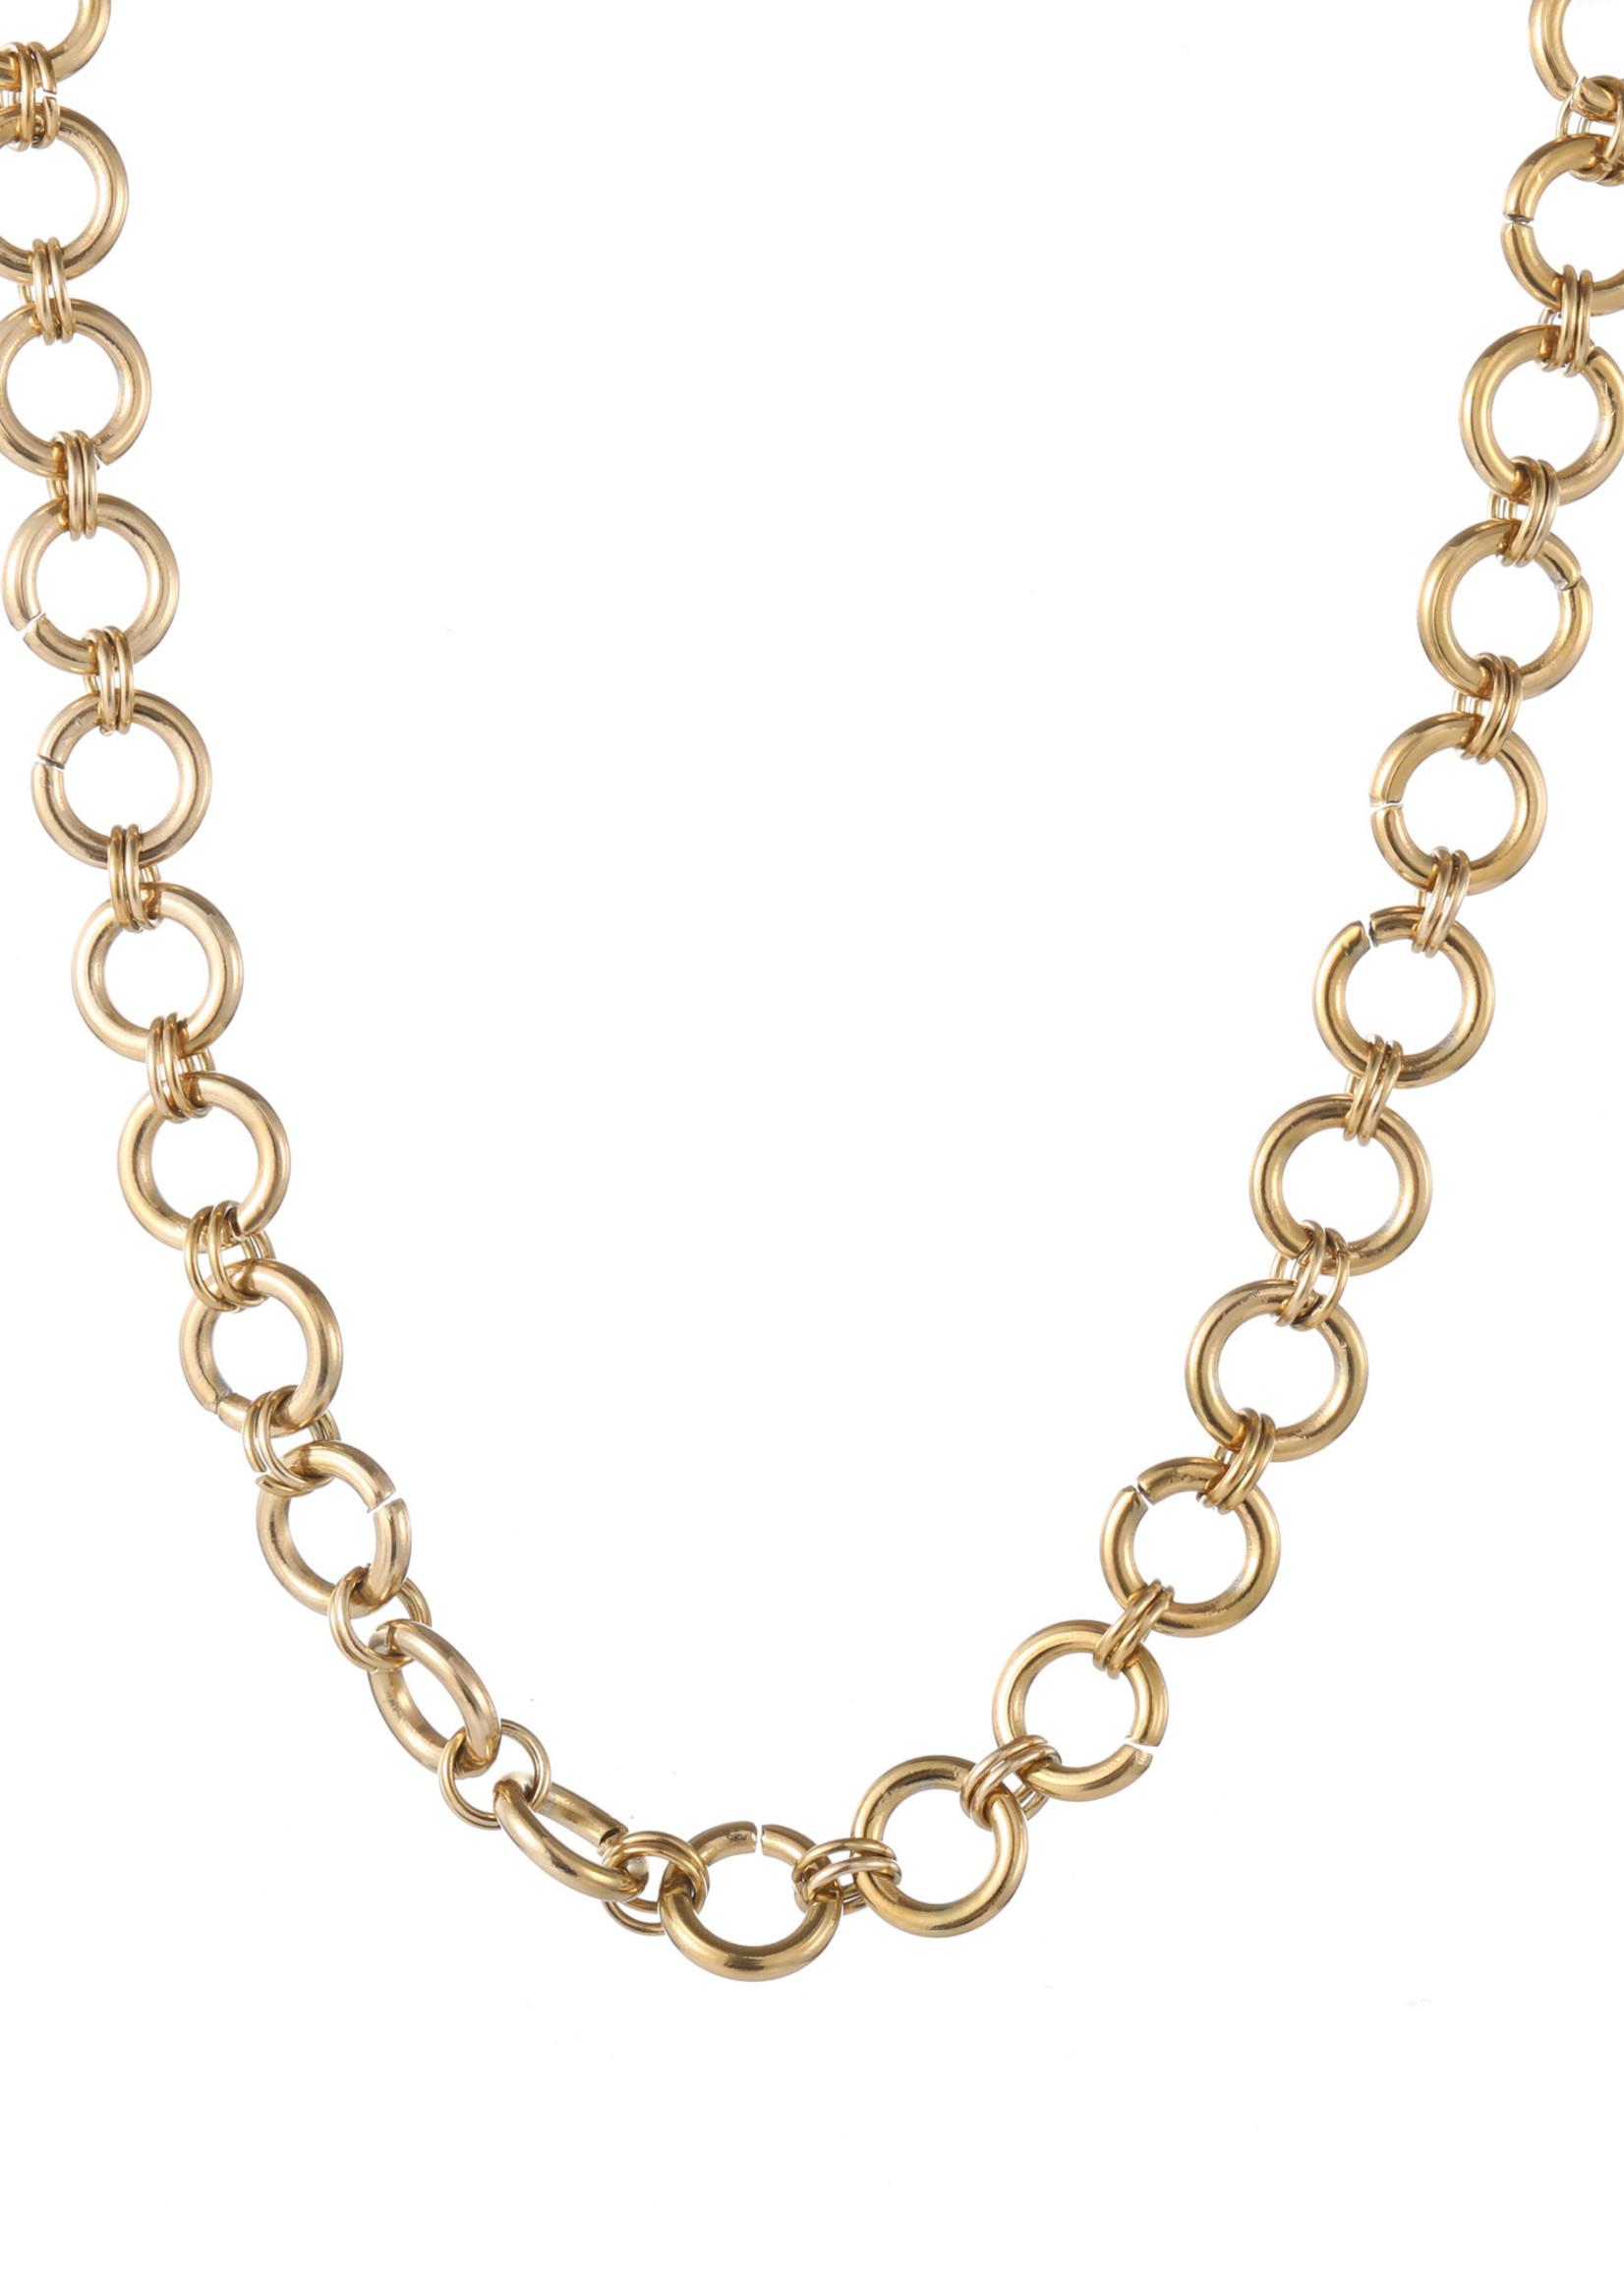 Ketting goud ronde schakel N1285-2